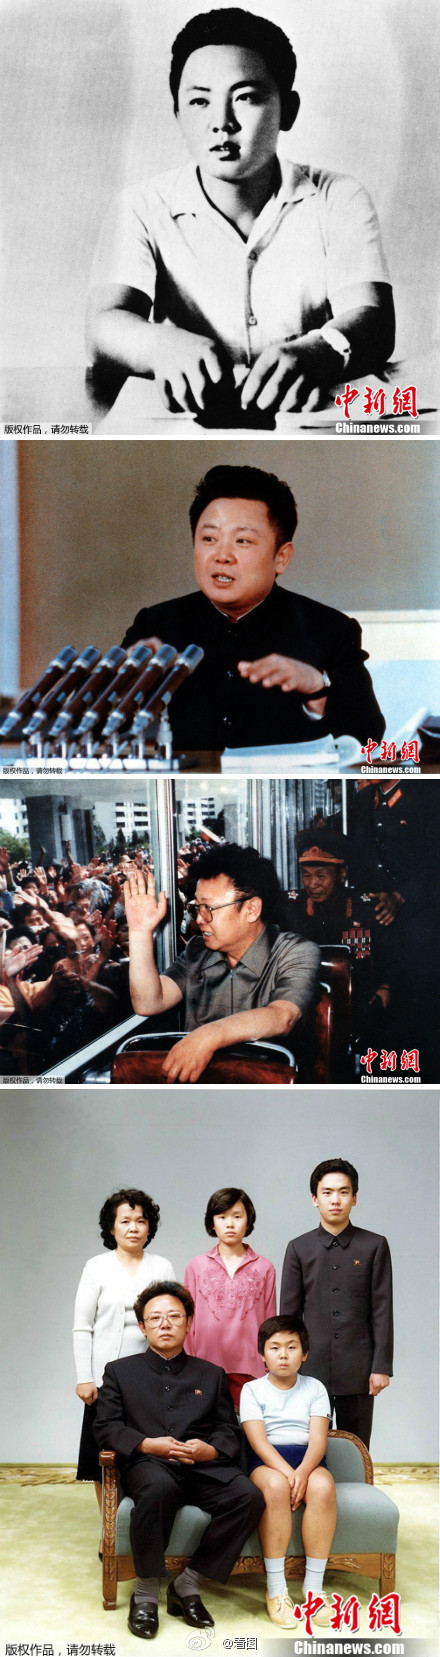 En la primera imagen, Kim Jong-il durante sus años en la universidad, en octubre de 1963. En la segunda, el líder coreano realiza un discurso en la Asamblea General de Corea del Norte en febrero de 1974. En la tercera imagen (tomada en 1975), Kim es aplaudido y vitoreado por el pueblo en su visita a la Univeresidad Kim Il-Sung de Pyongyang. En la última foto, aparece con su familia en el año 1981.